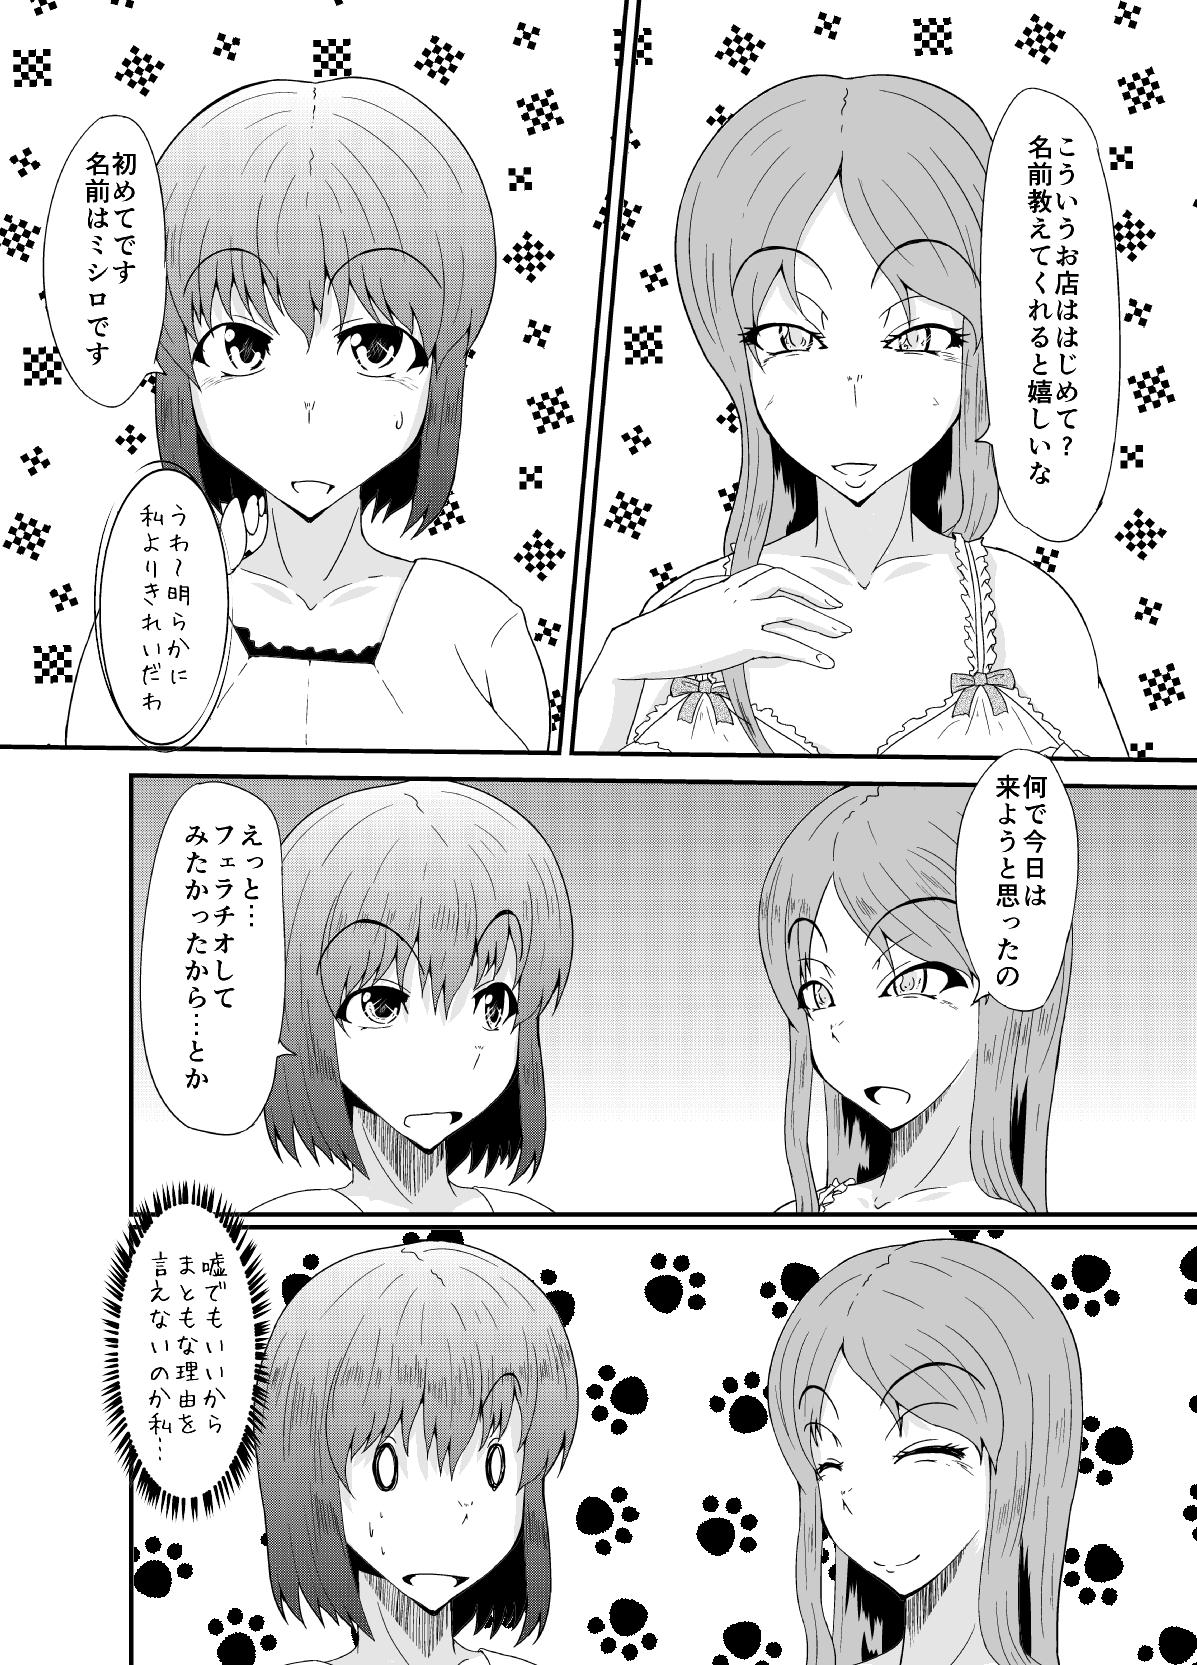 Futanari no Watashi ga NH Health ni Itte Mita Hanashi 8